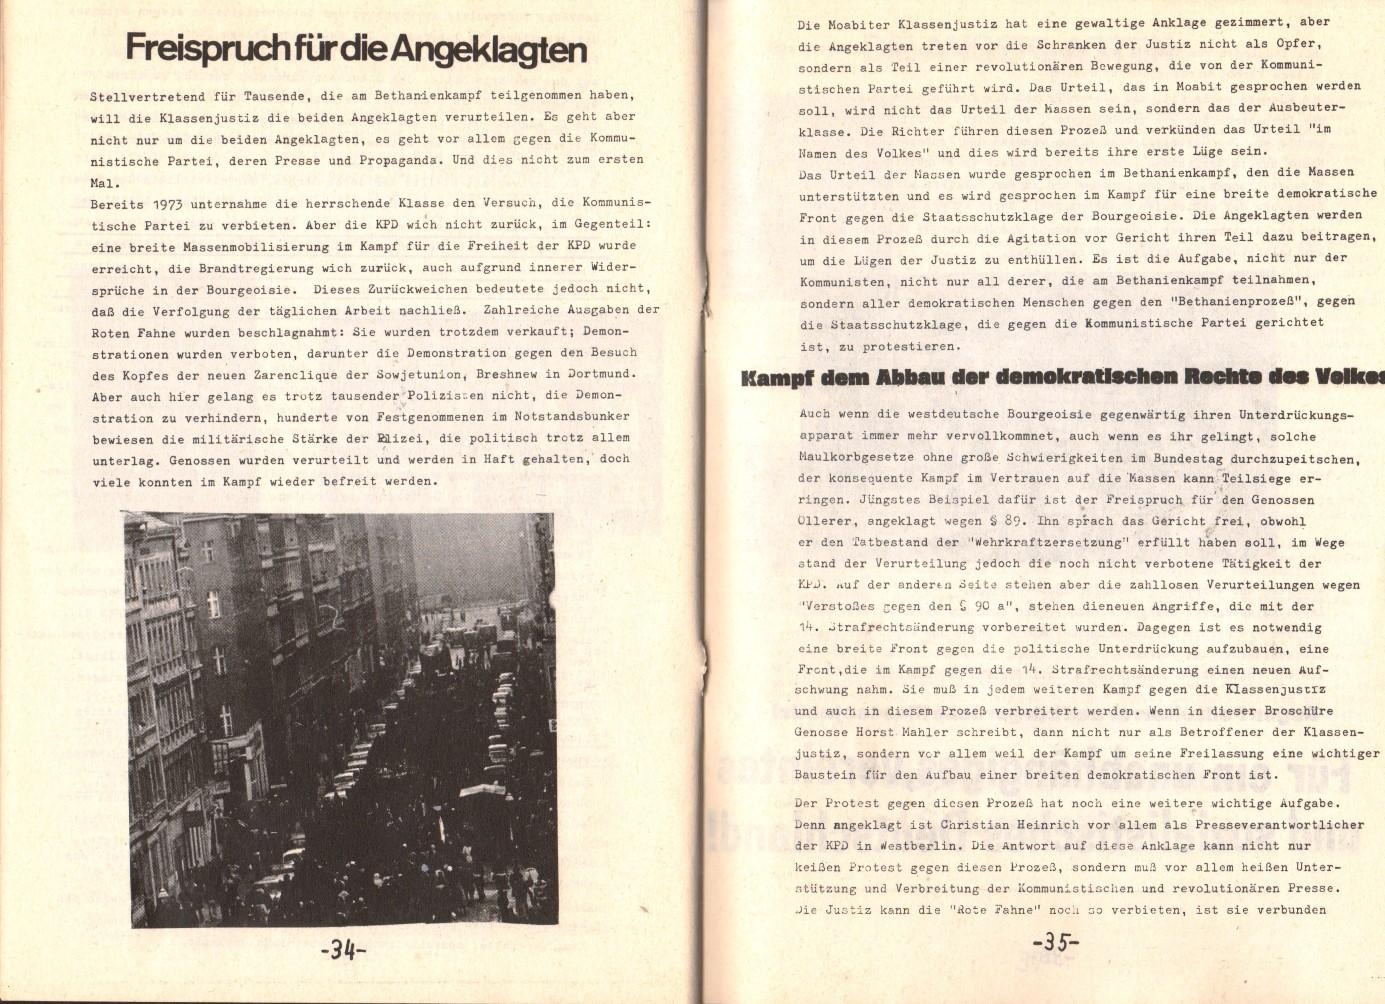 Berlin_KPD_1976_Staatsschutzprozess_19